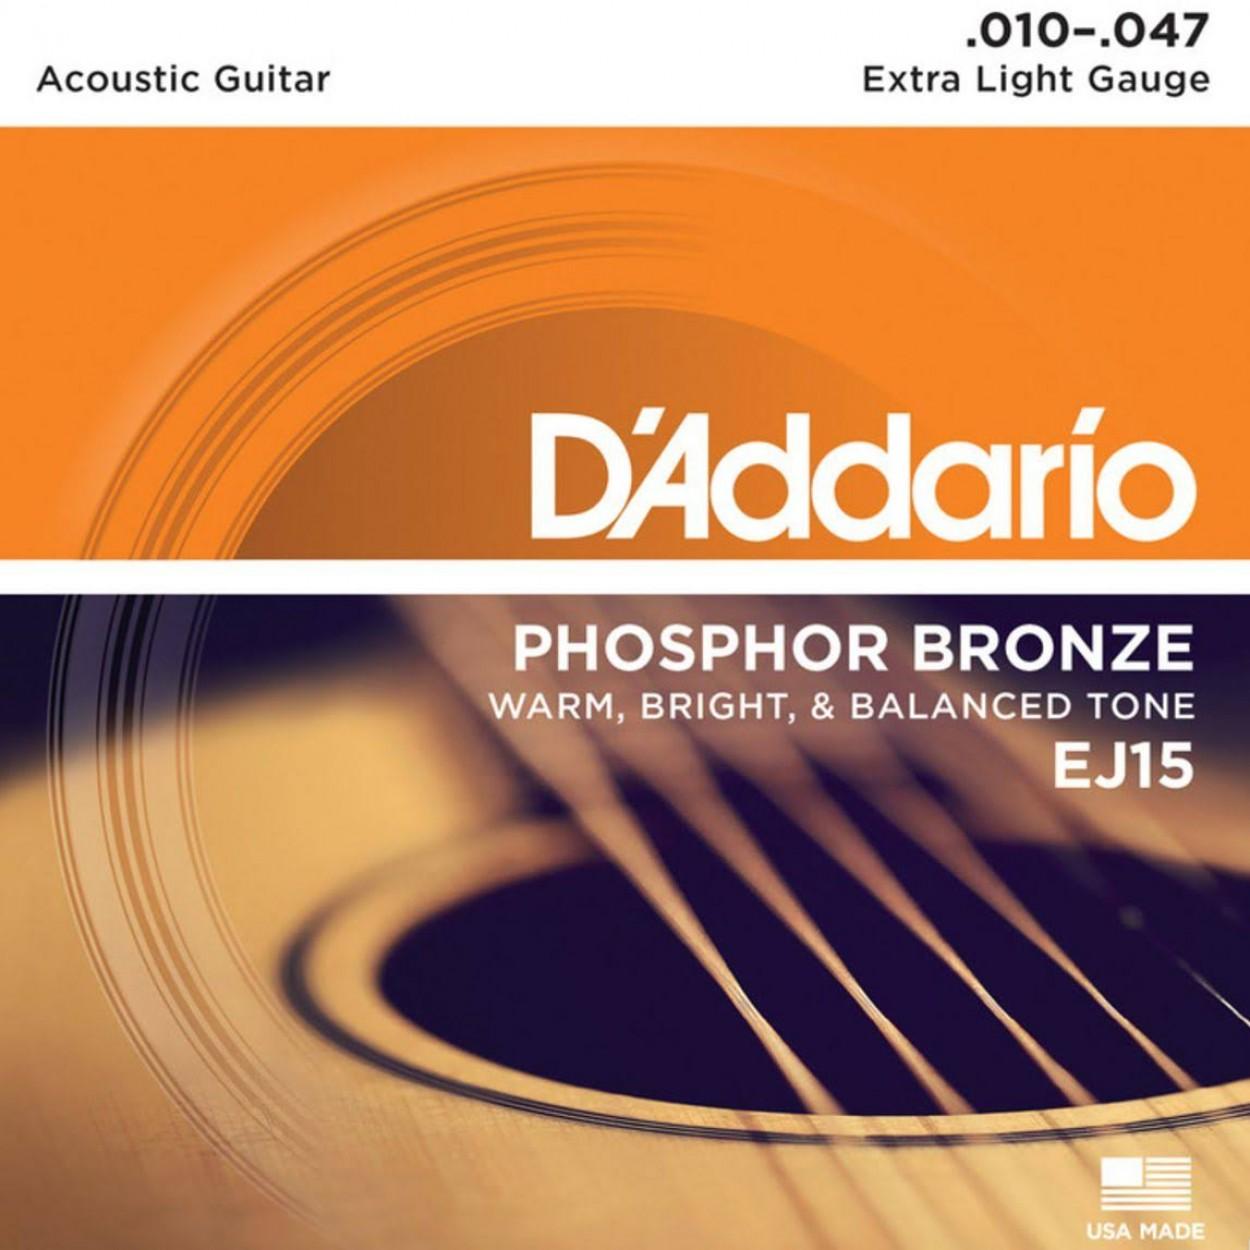 D'Addario EJ15 10-47